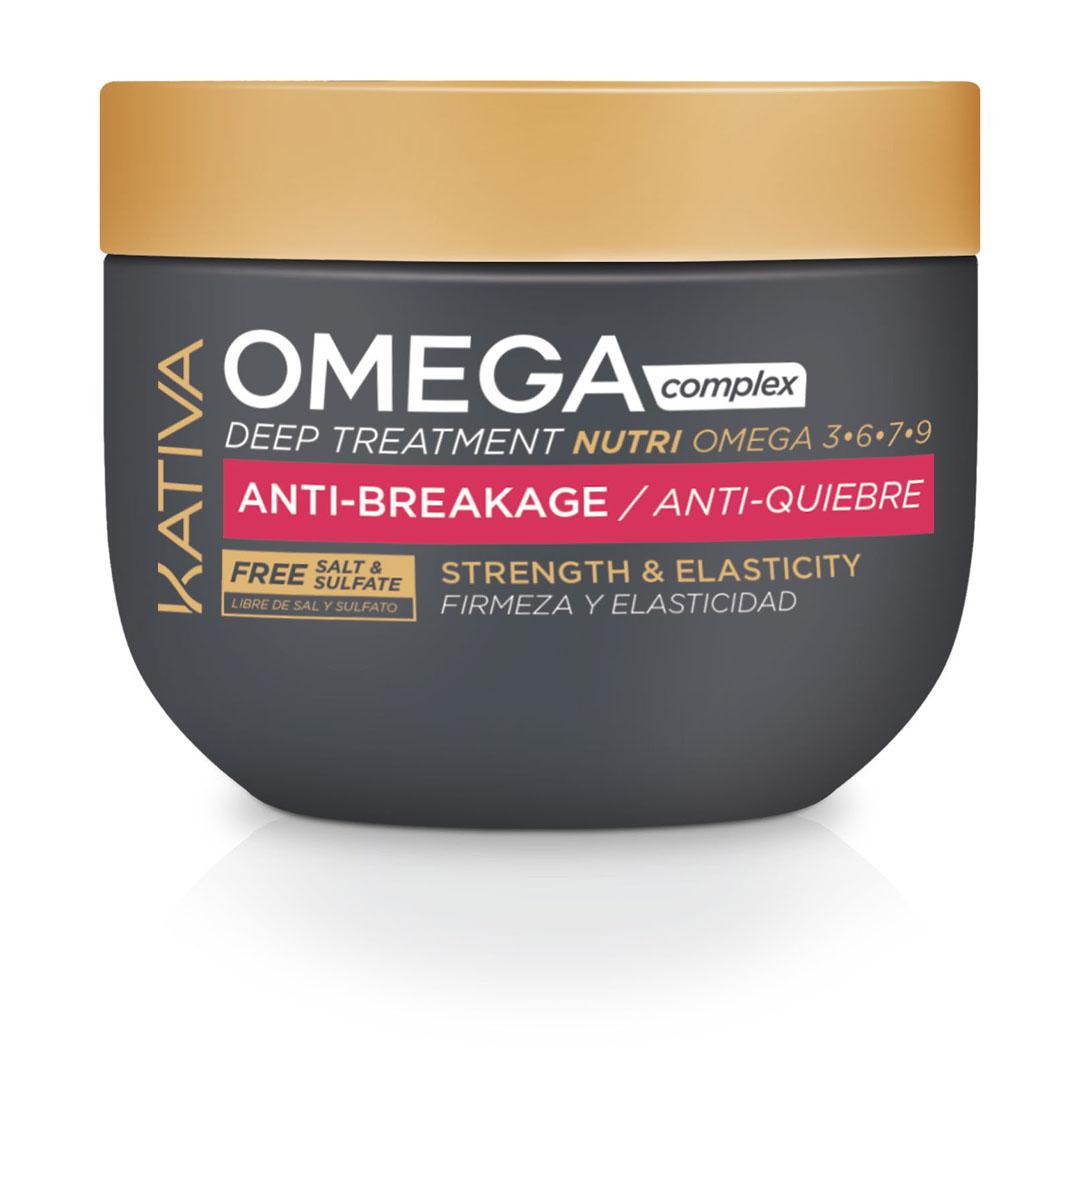 Kativa Маска для поврежденных волос OMEGA COMPLEXFS-00897Питательная маскаKativa для восстановления поврежденных волос содержит комплекс омега-кислот и аминокислоты. Особая формула маски помогает вернуть волосаместественную красоту, блеск и шелковистость.